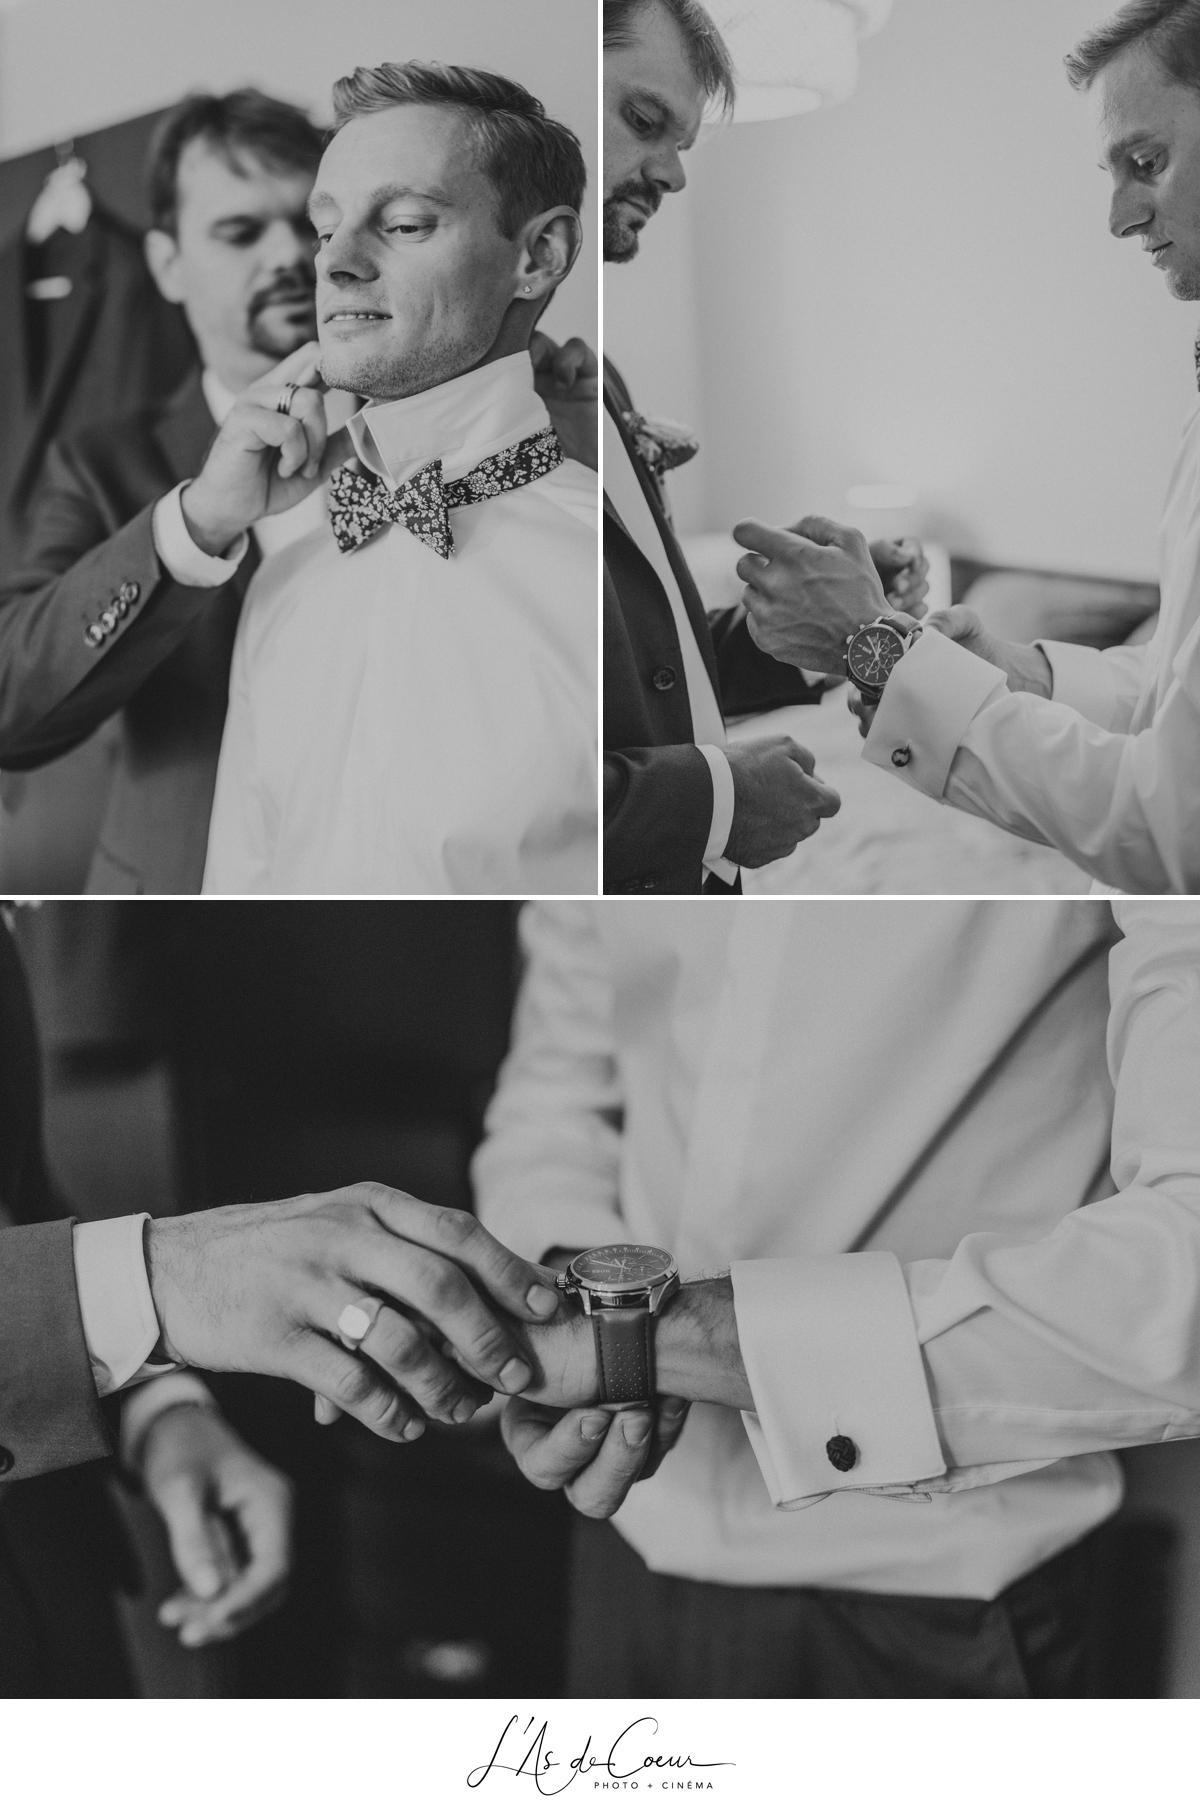 préparatifs marié noir et blanc photographe Mariage Lyon ©lasdecoeur